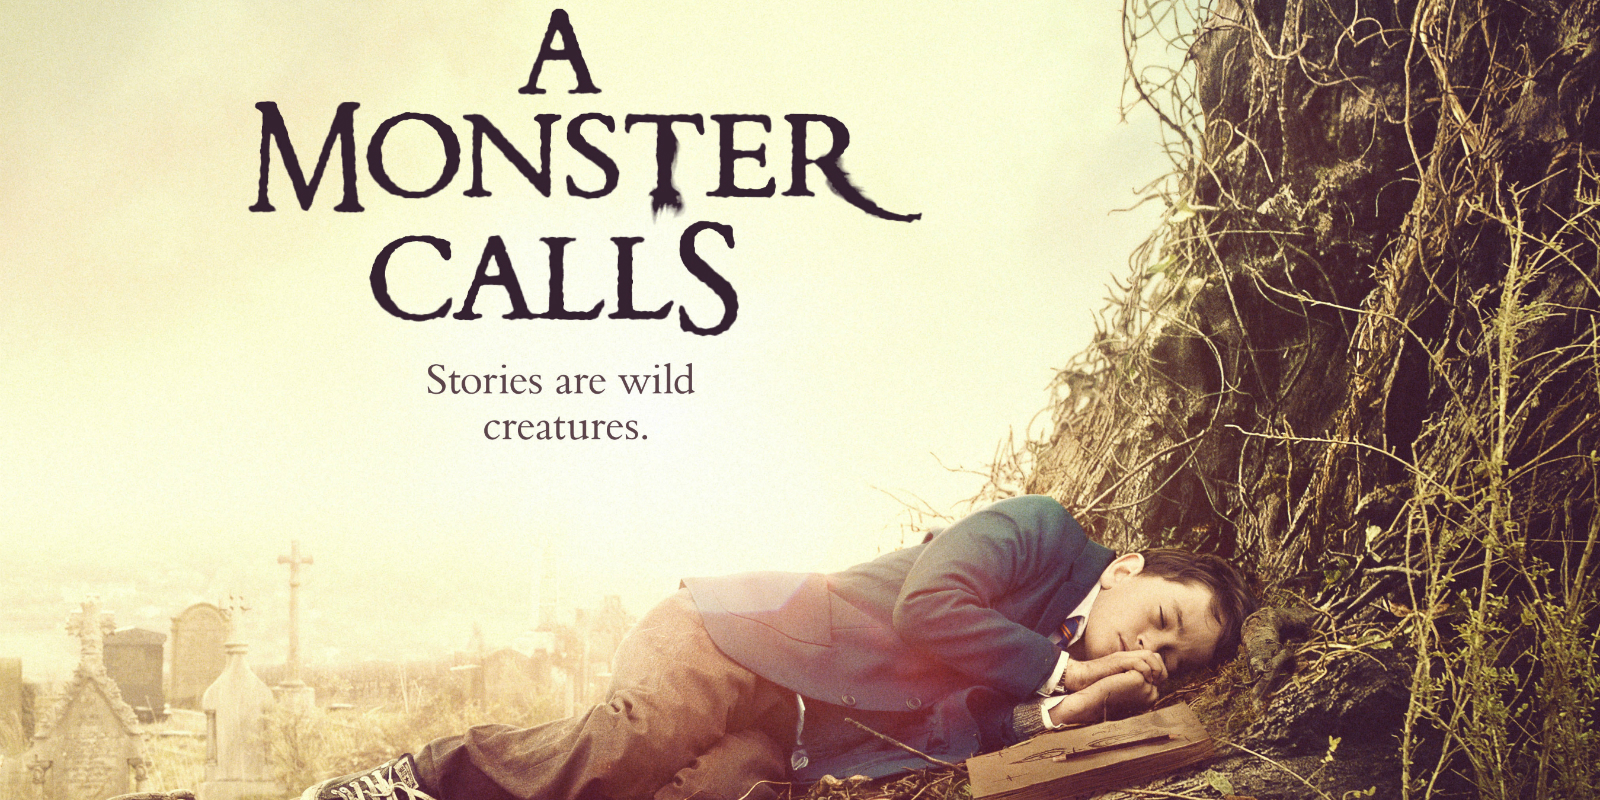 مشاهدة و تحميل فيلم الخيال و الدراما (A Monster Calls (2016 مترجم BluRay